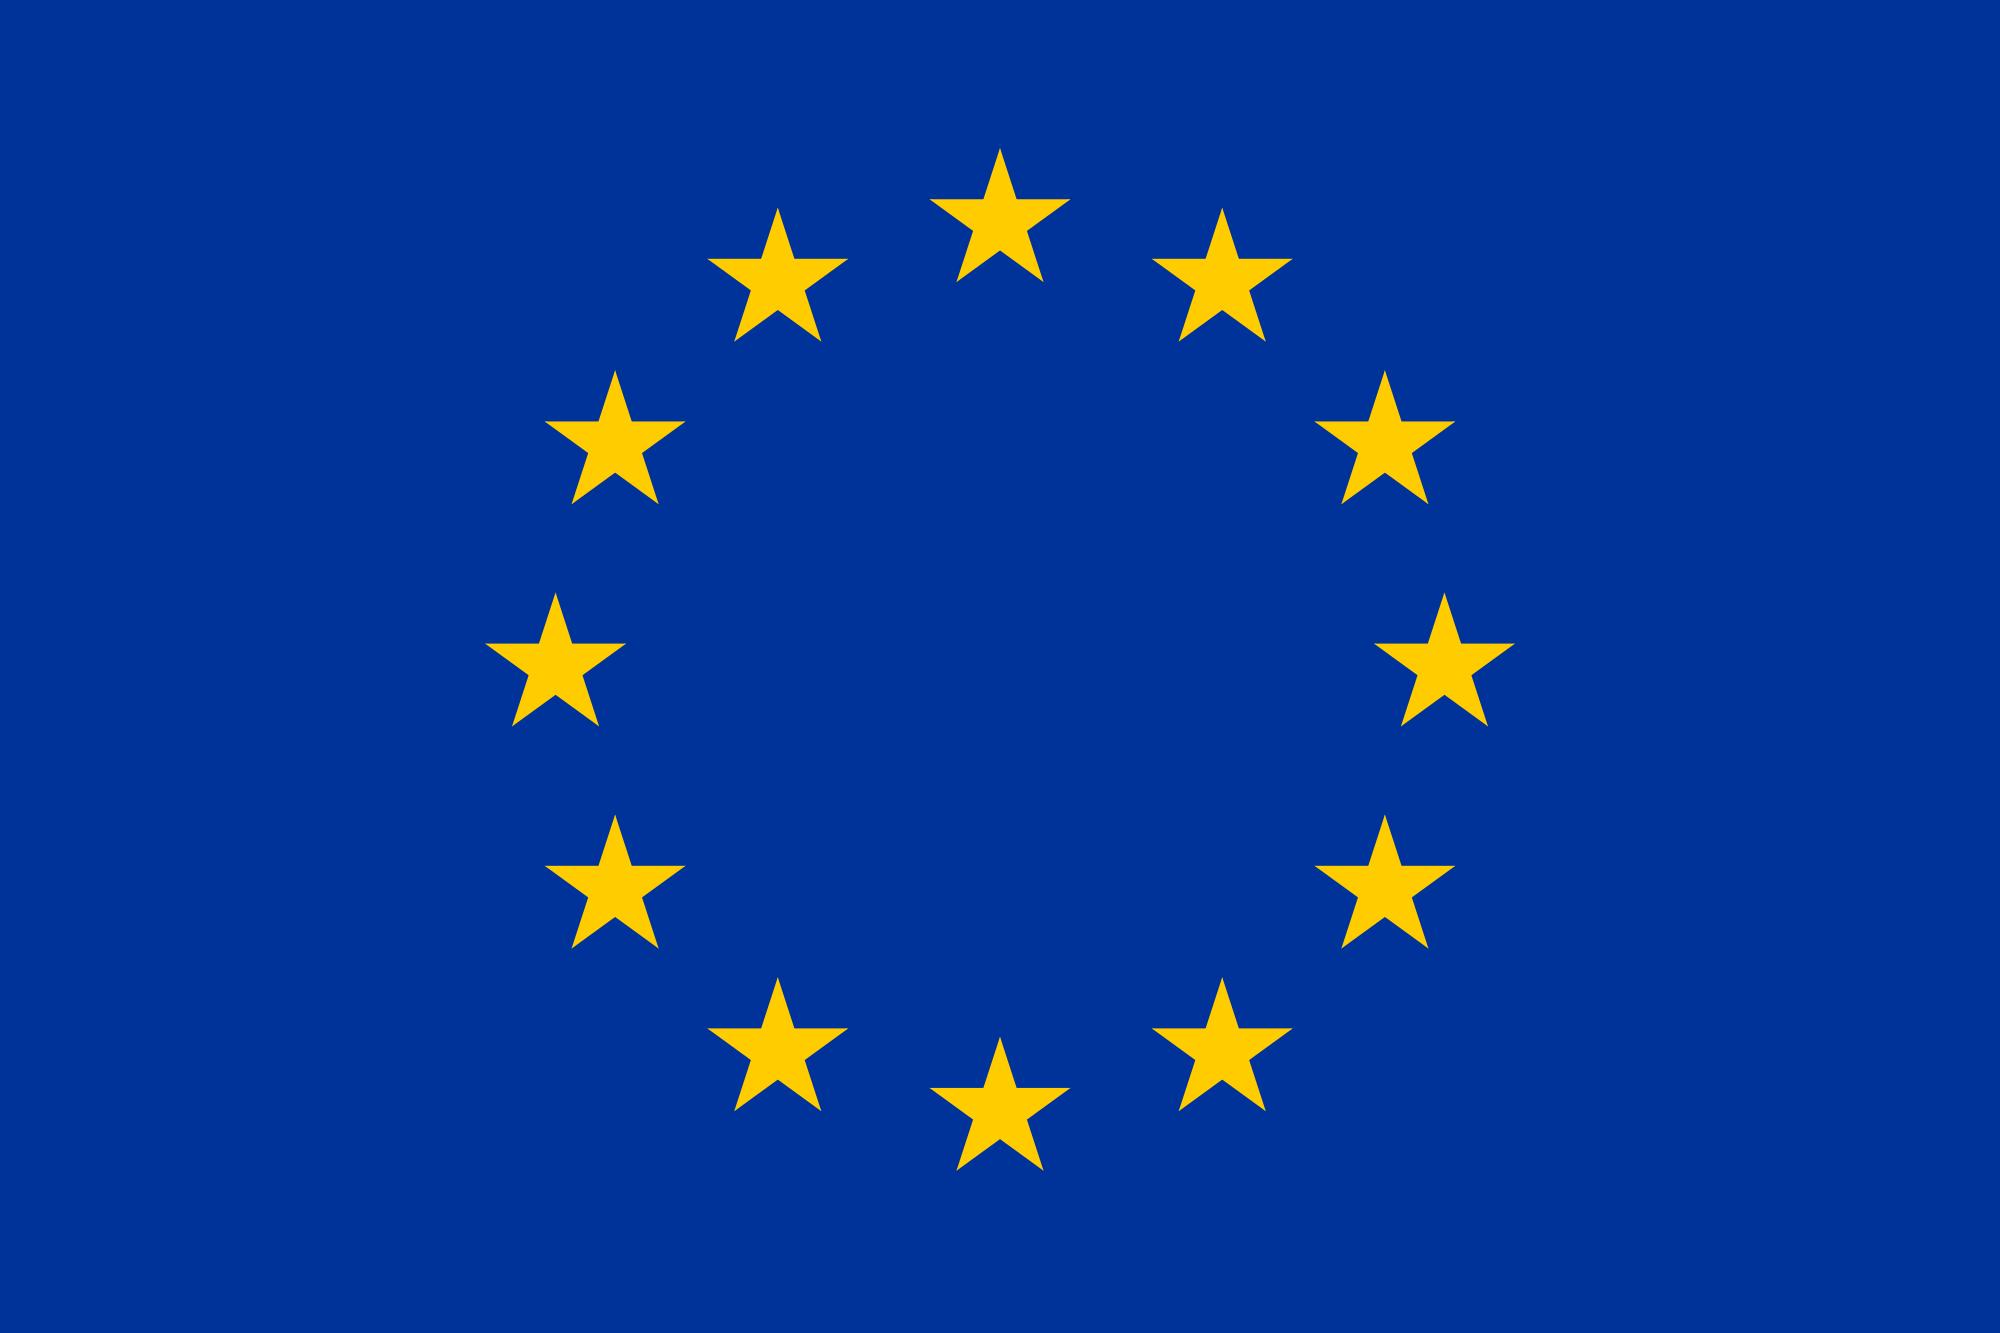 Europee 2019: Come si vota in Italia